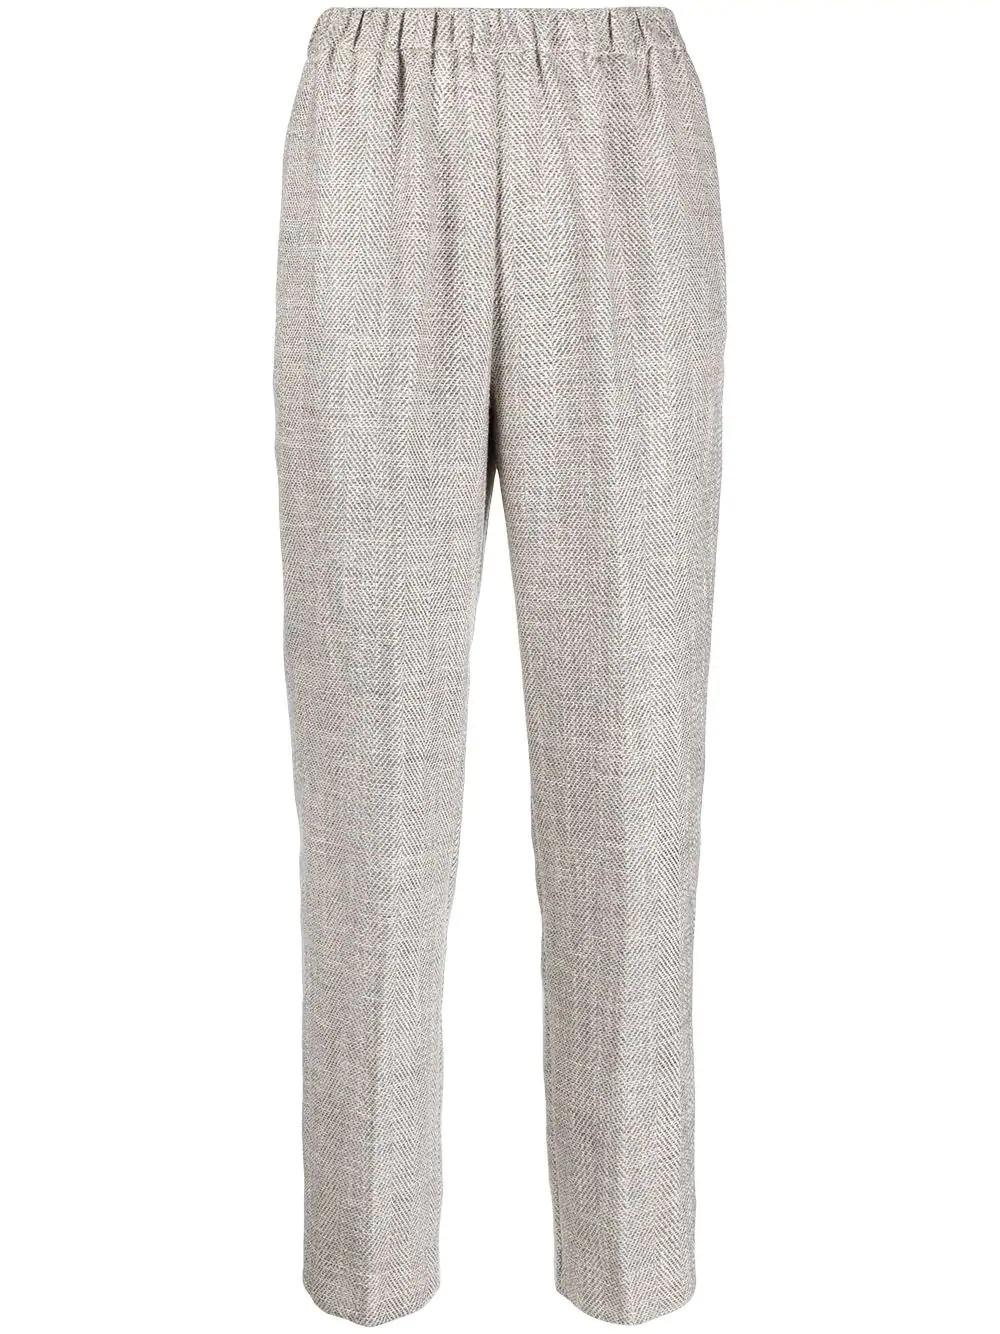 pantalone elastico resca lino cotone